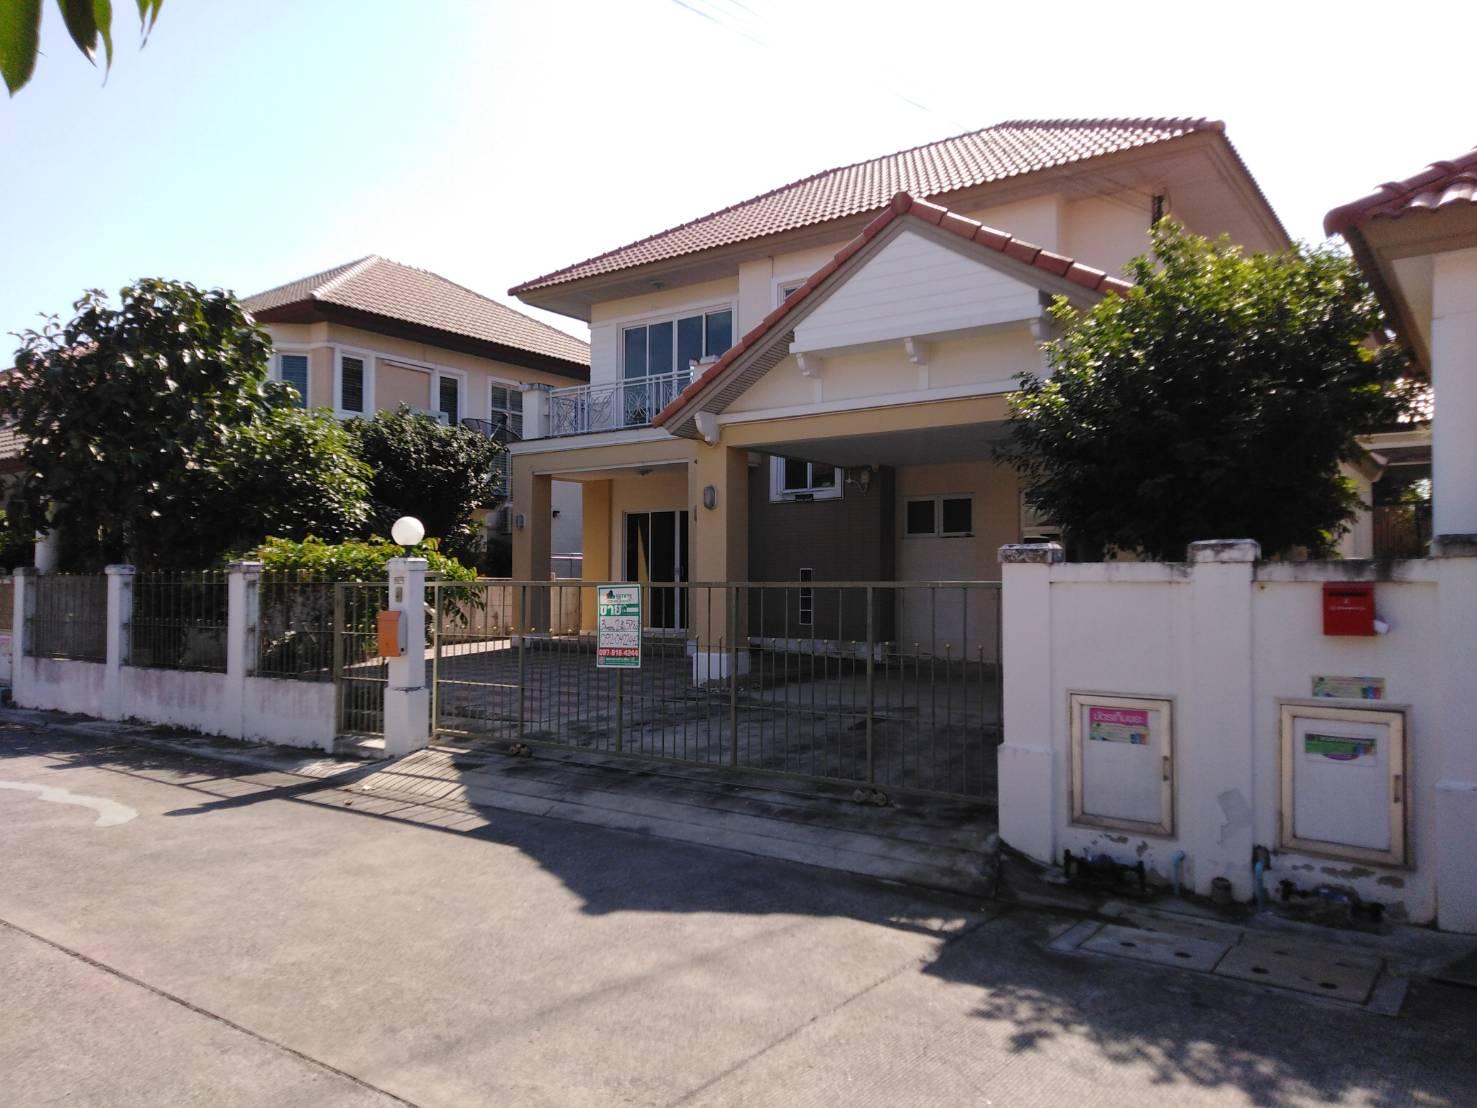 74955 - ขายด่วน!! บ้านเดี่ยว ชวนชื่นบรู๊คไซด์ ตำบลบางคูวัด อำเภอเมืองปทุมธานี จังหวัดปทุมธานี